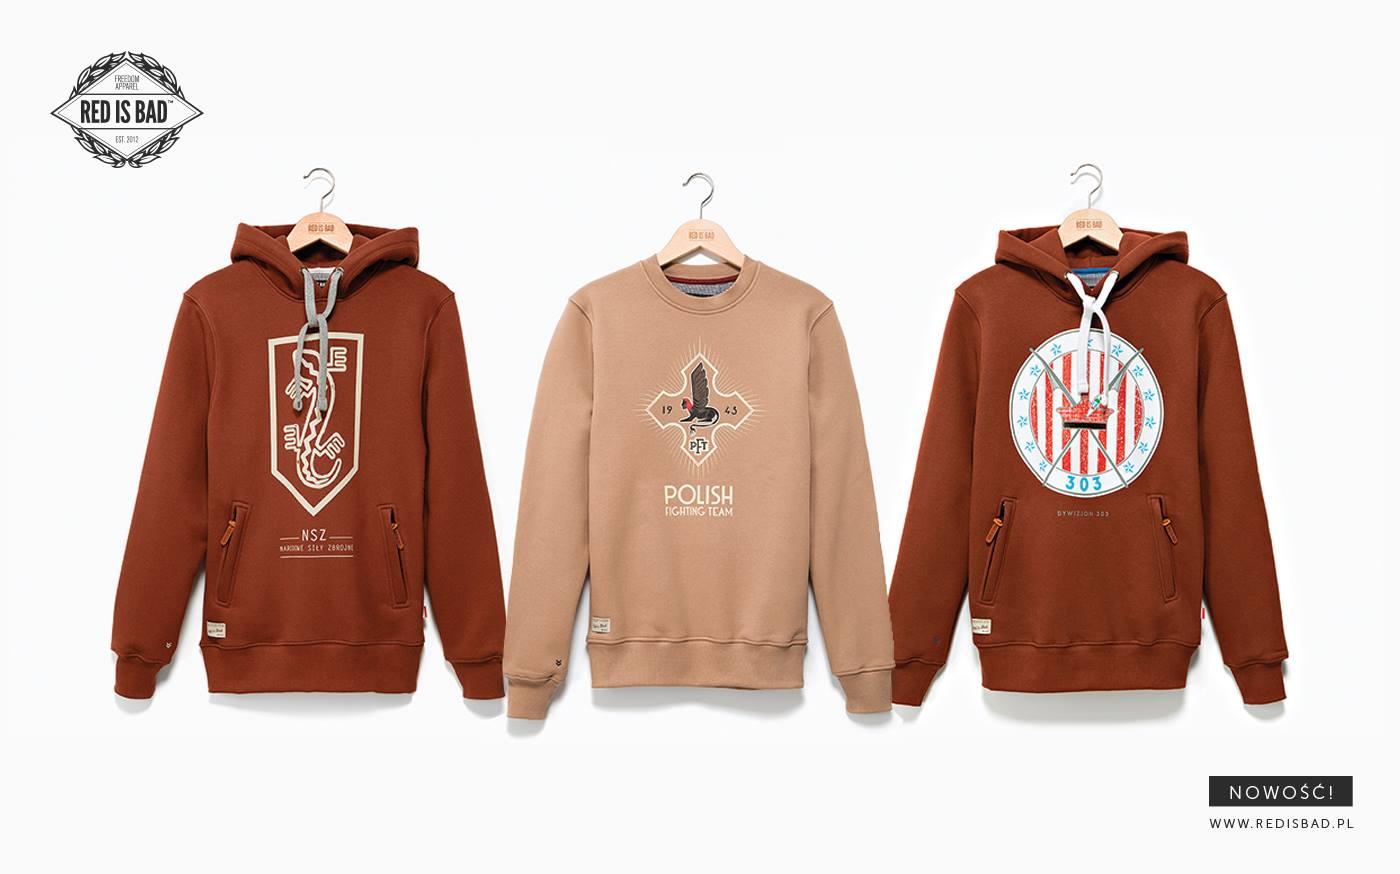 18279c74c9 Reprezentuj PL powstało w 2015 roku i zajmuje się projektowaniem oraz  sprzedażą różnorodnych koszulek patriotycznych. Oferta firmy jest  skierowana do ...